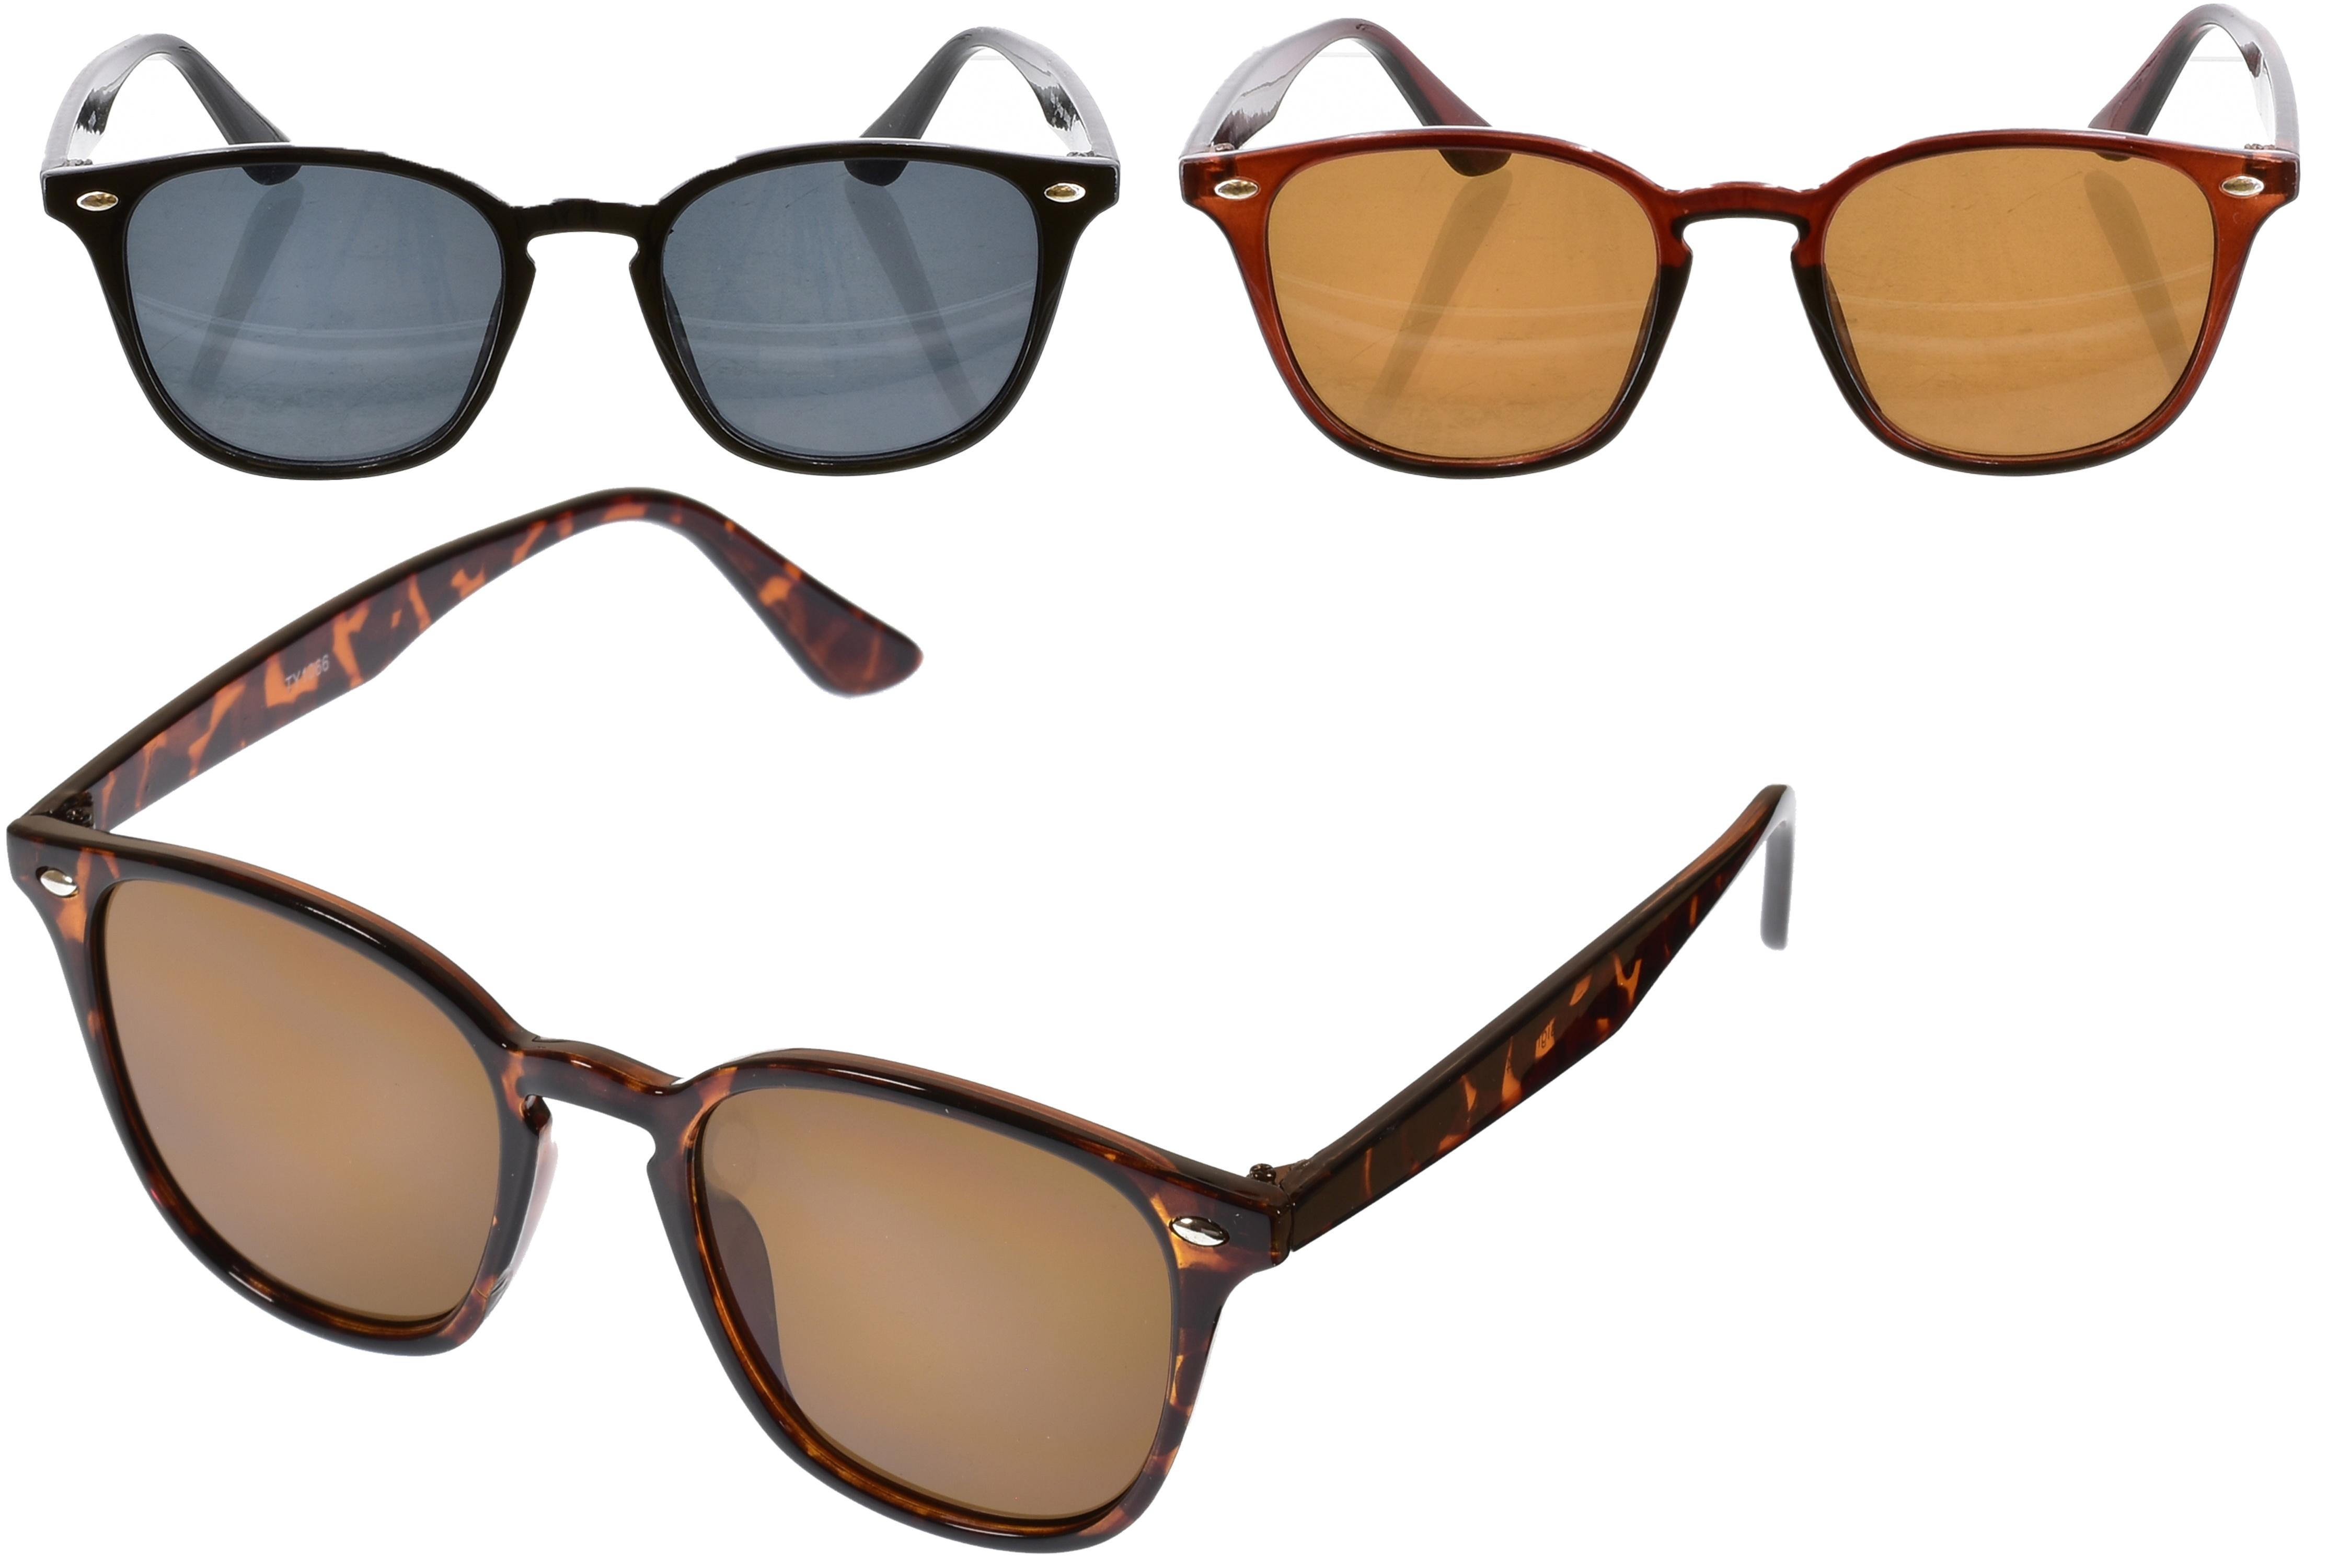 Adults Plastic Designers Sunglasses (3 Assorted)